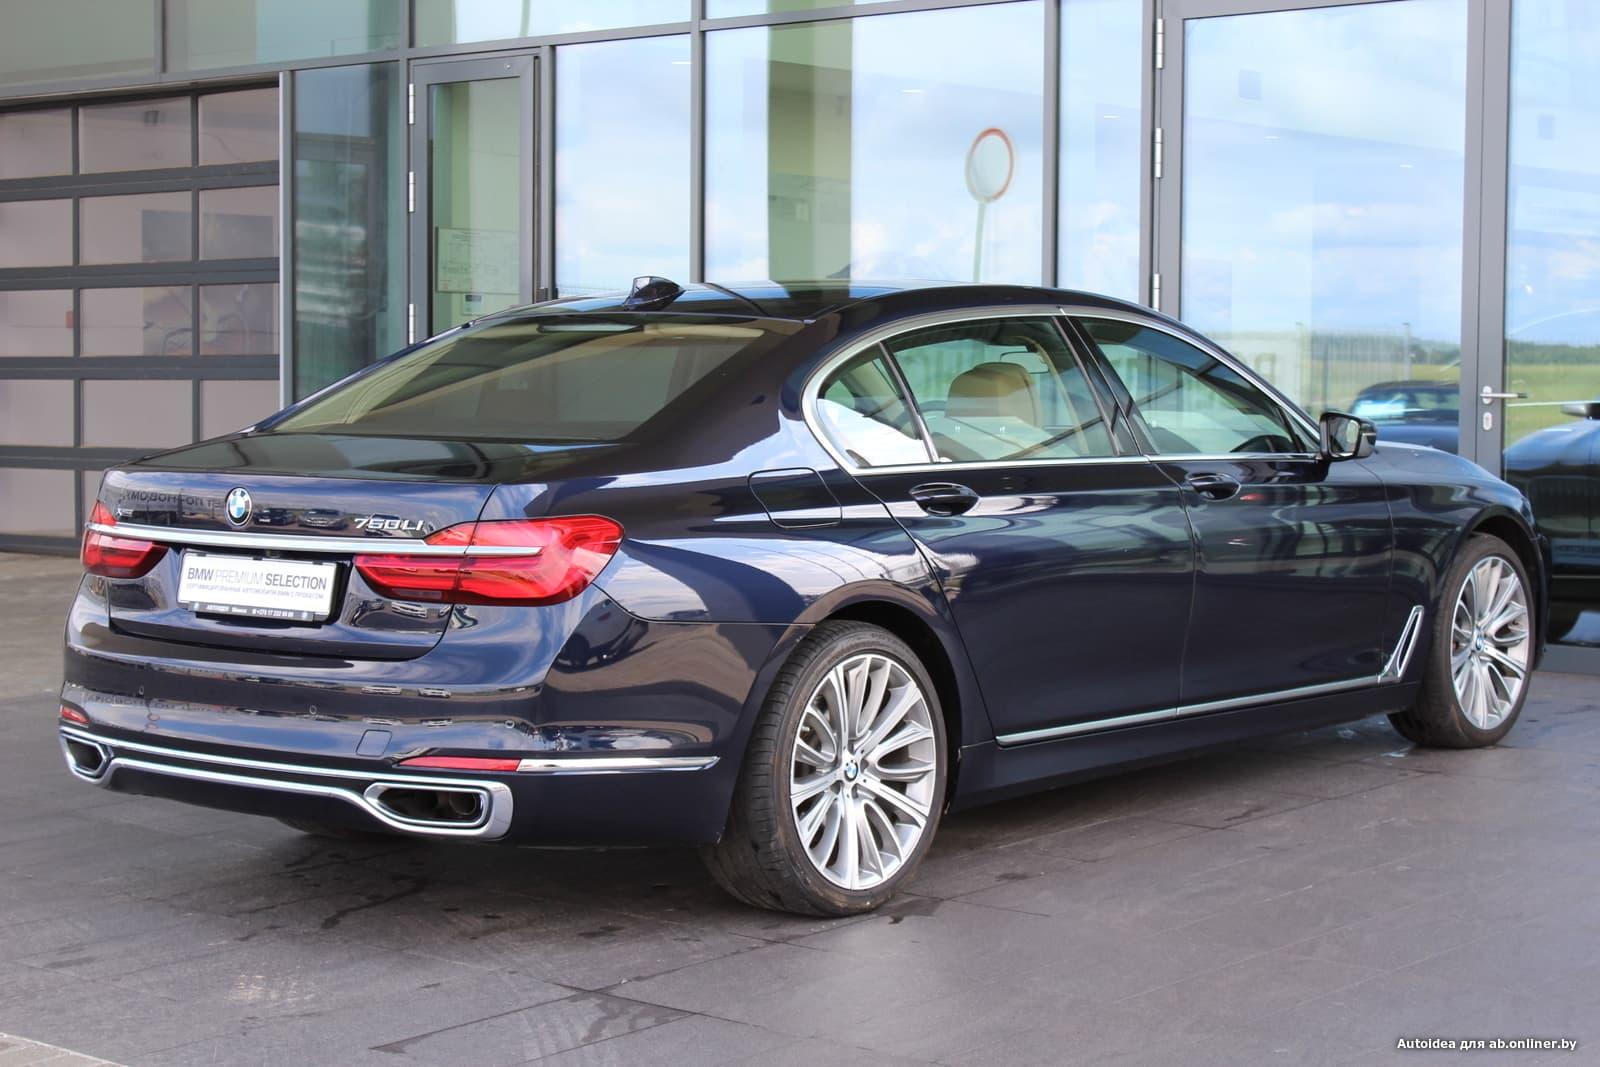 BMW 750 LixDrive BMW Premium Selection